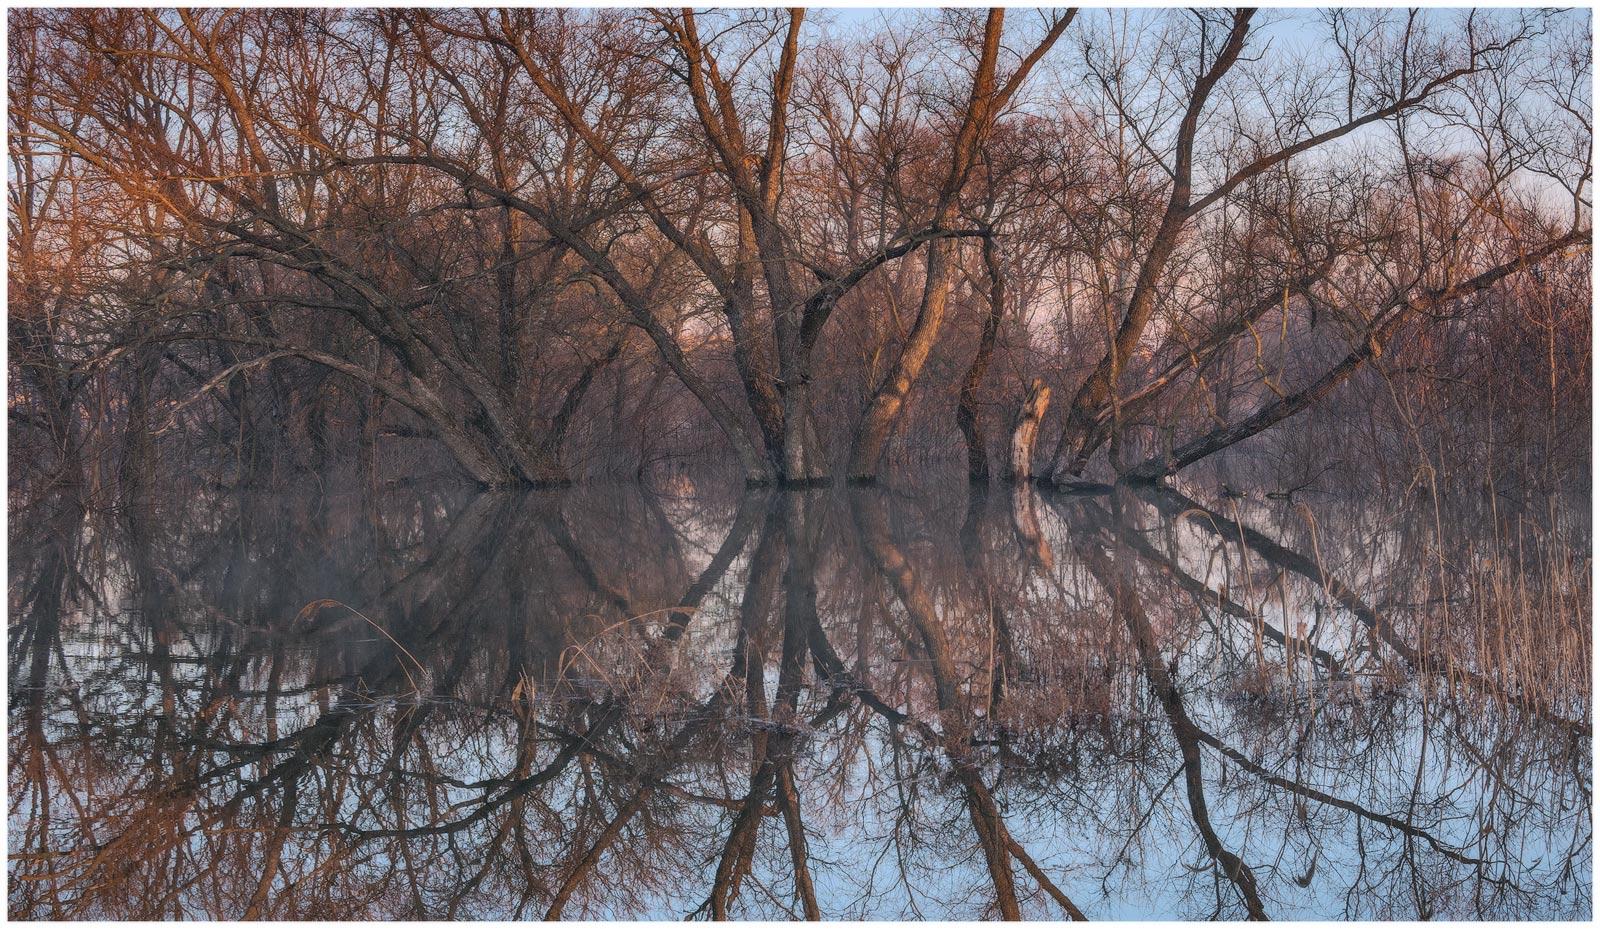 утро, рассвет, разлив, весна, природа, пейзаж, паводок, отражения, Станислав Саламанов